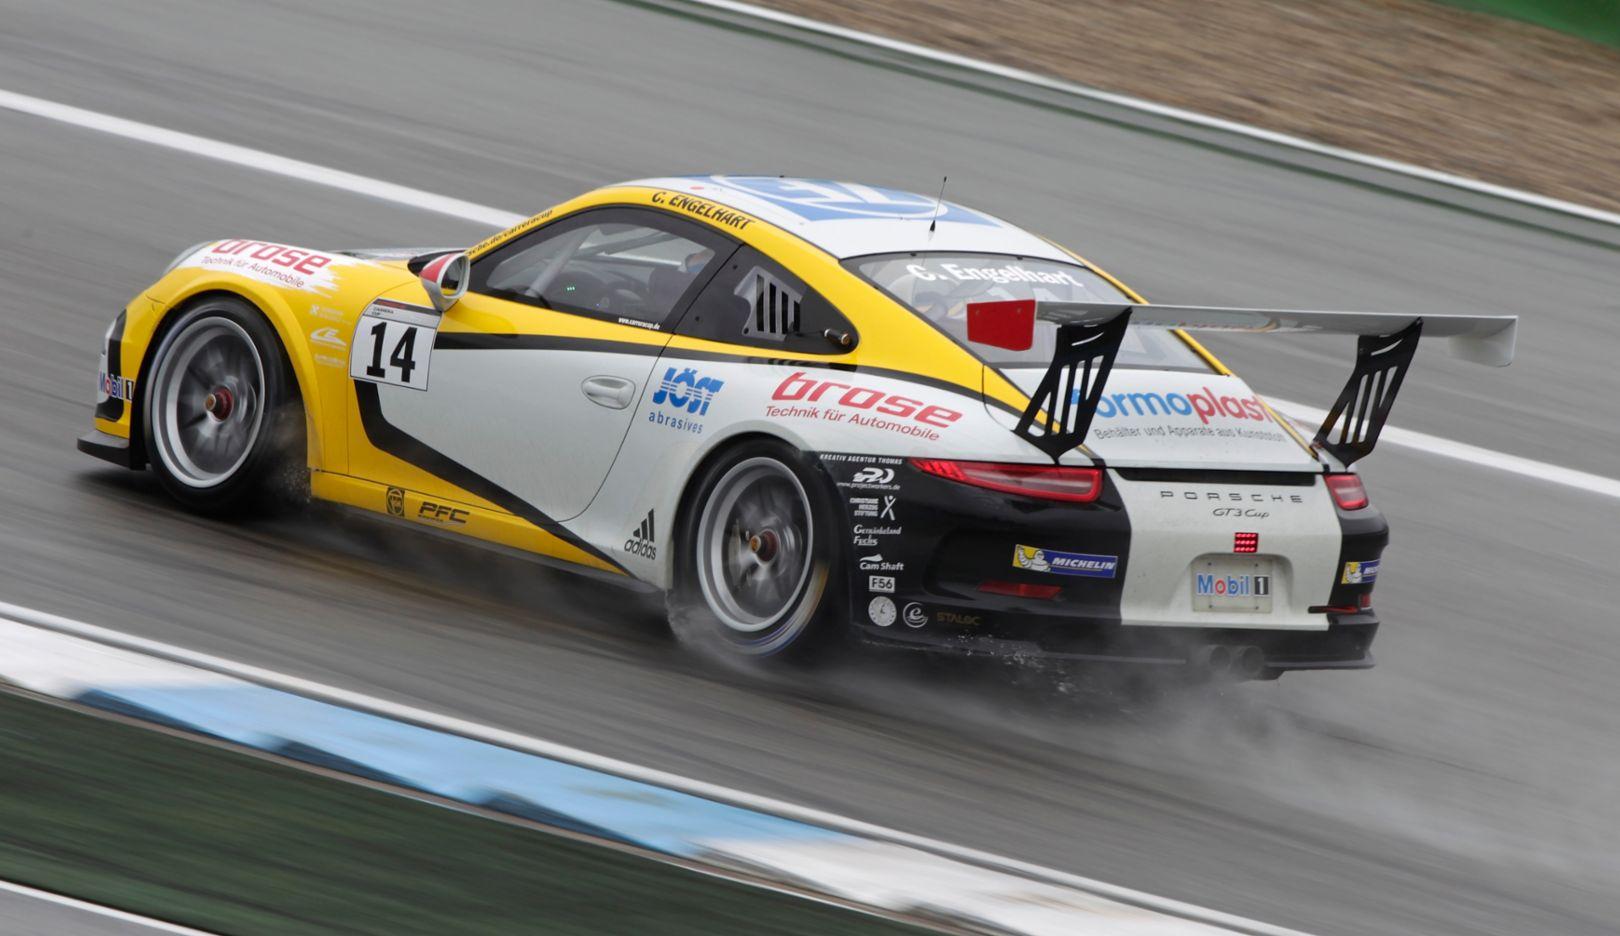 Christian Engelhart, Rennfahrer, Hockenheimring 2015, Porsche AG